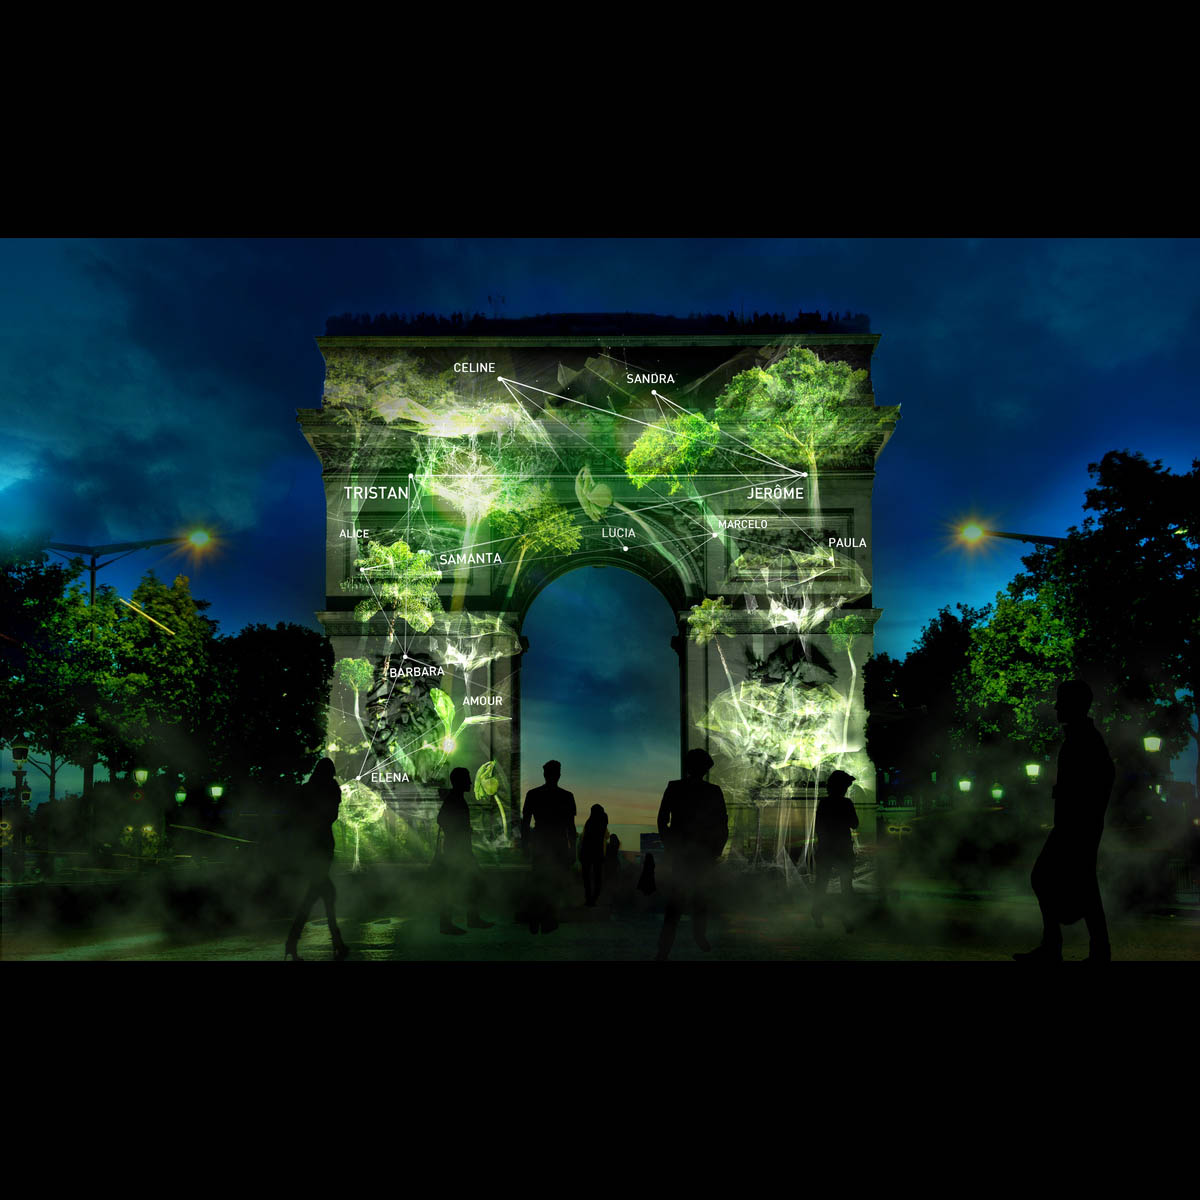 'Bir Kalp Bir Ağaç' (One Heart One Tree) projesi ile Paris'in anıtları birer ormana dönüşecek.